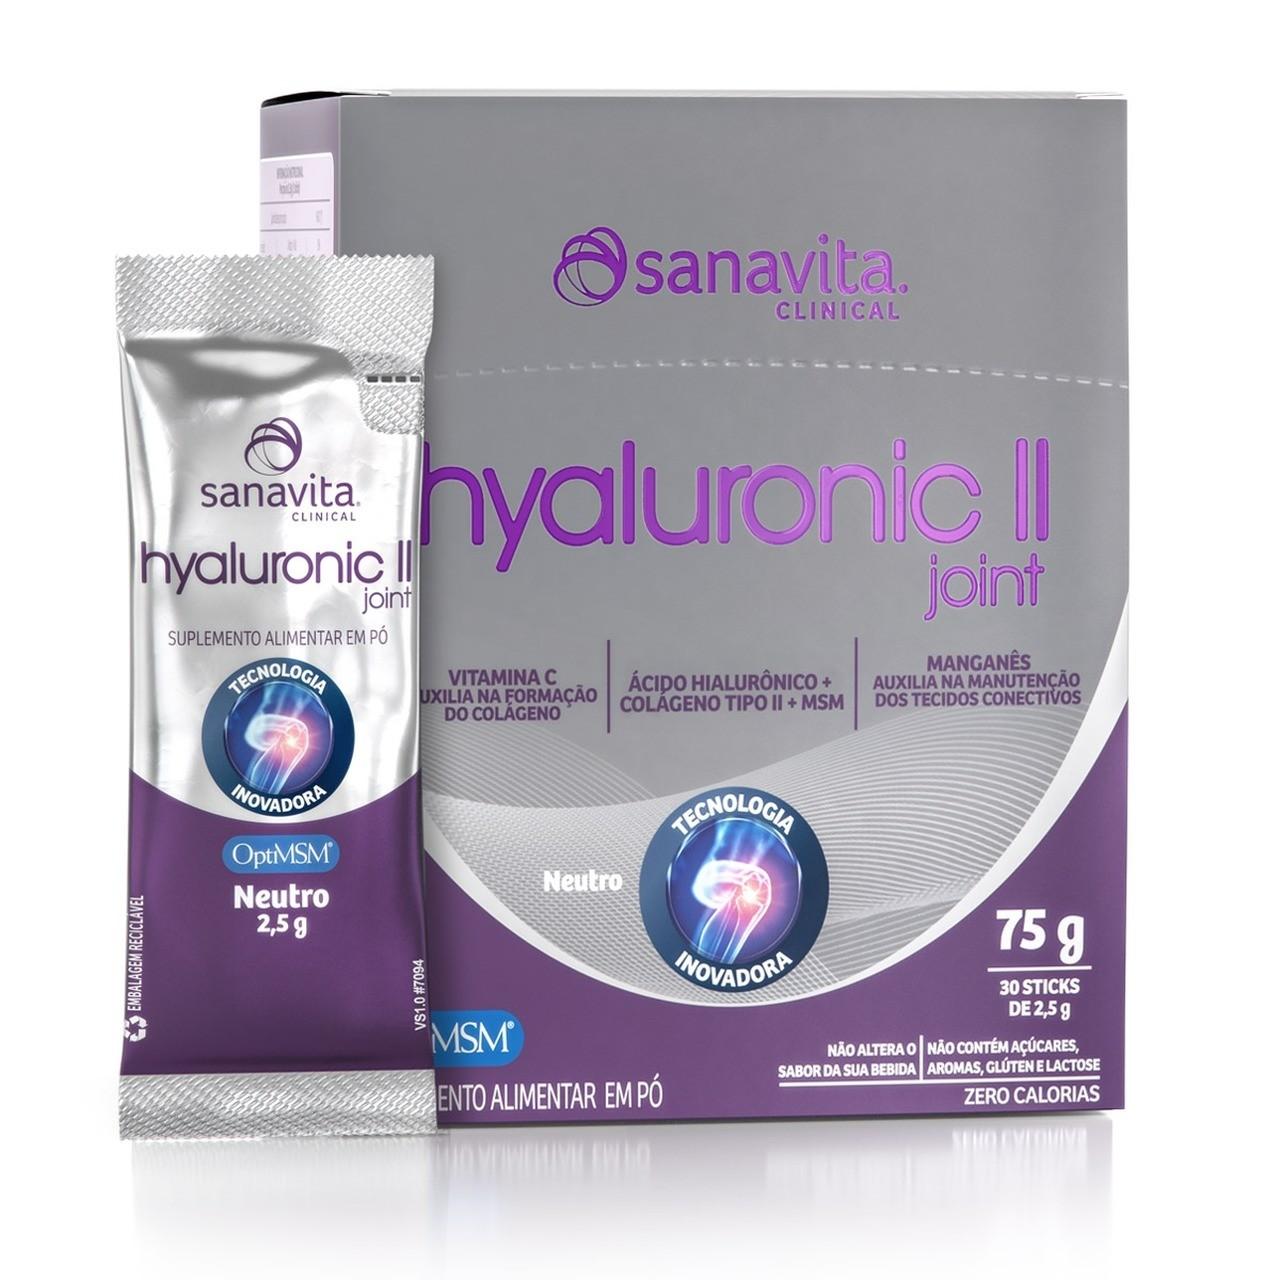 Hyaluronic ll Joint Sanavita - 30 Sticks